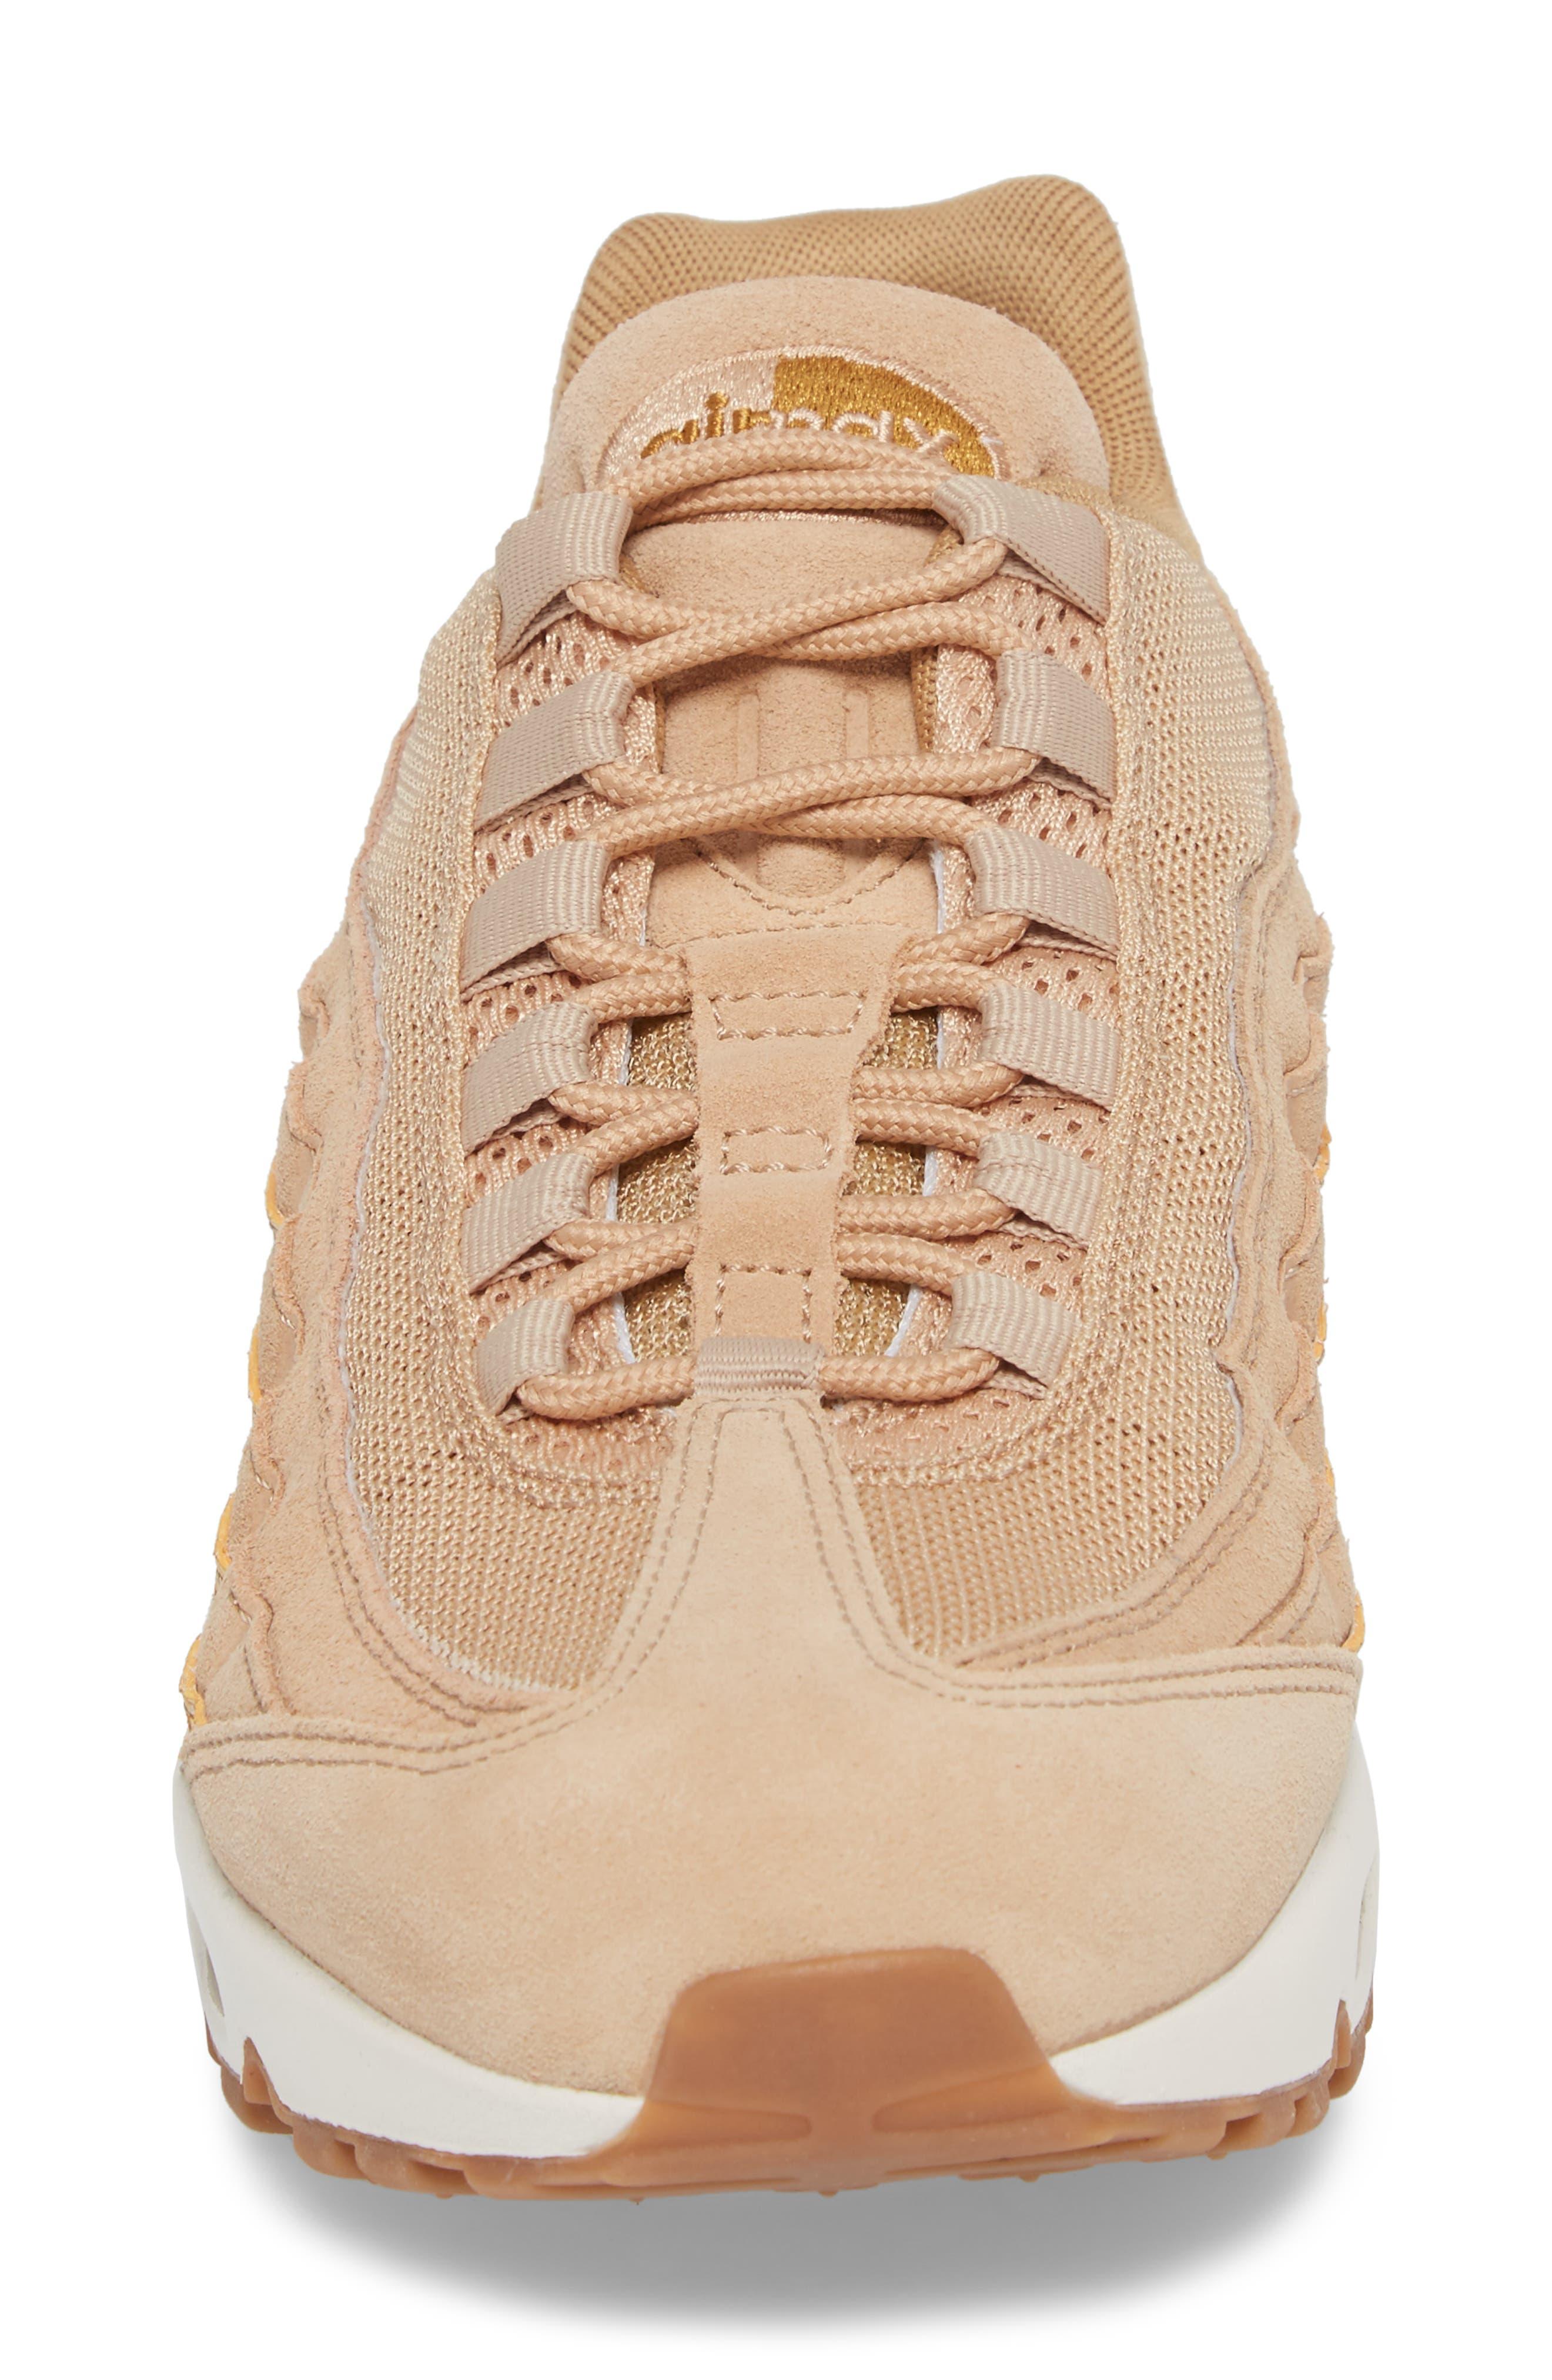 Air Max 95 Premium SE Sneaker,                             Alternate thumbnail 4, color,                             TAN/ TAN/ ELEMENTAL GOLD